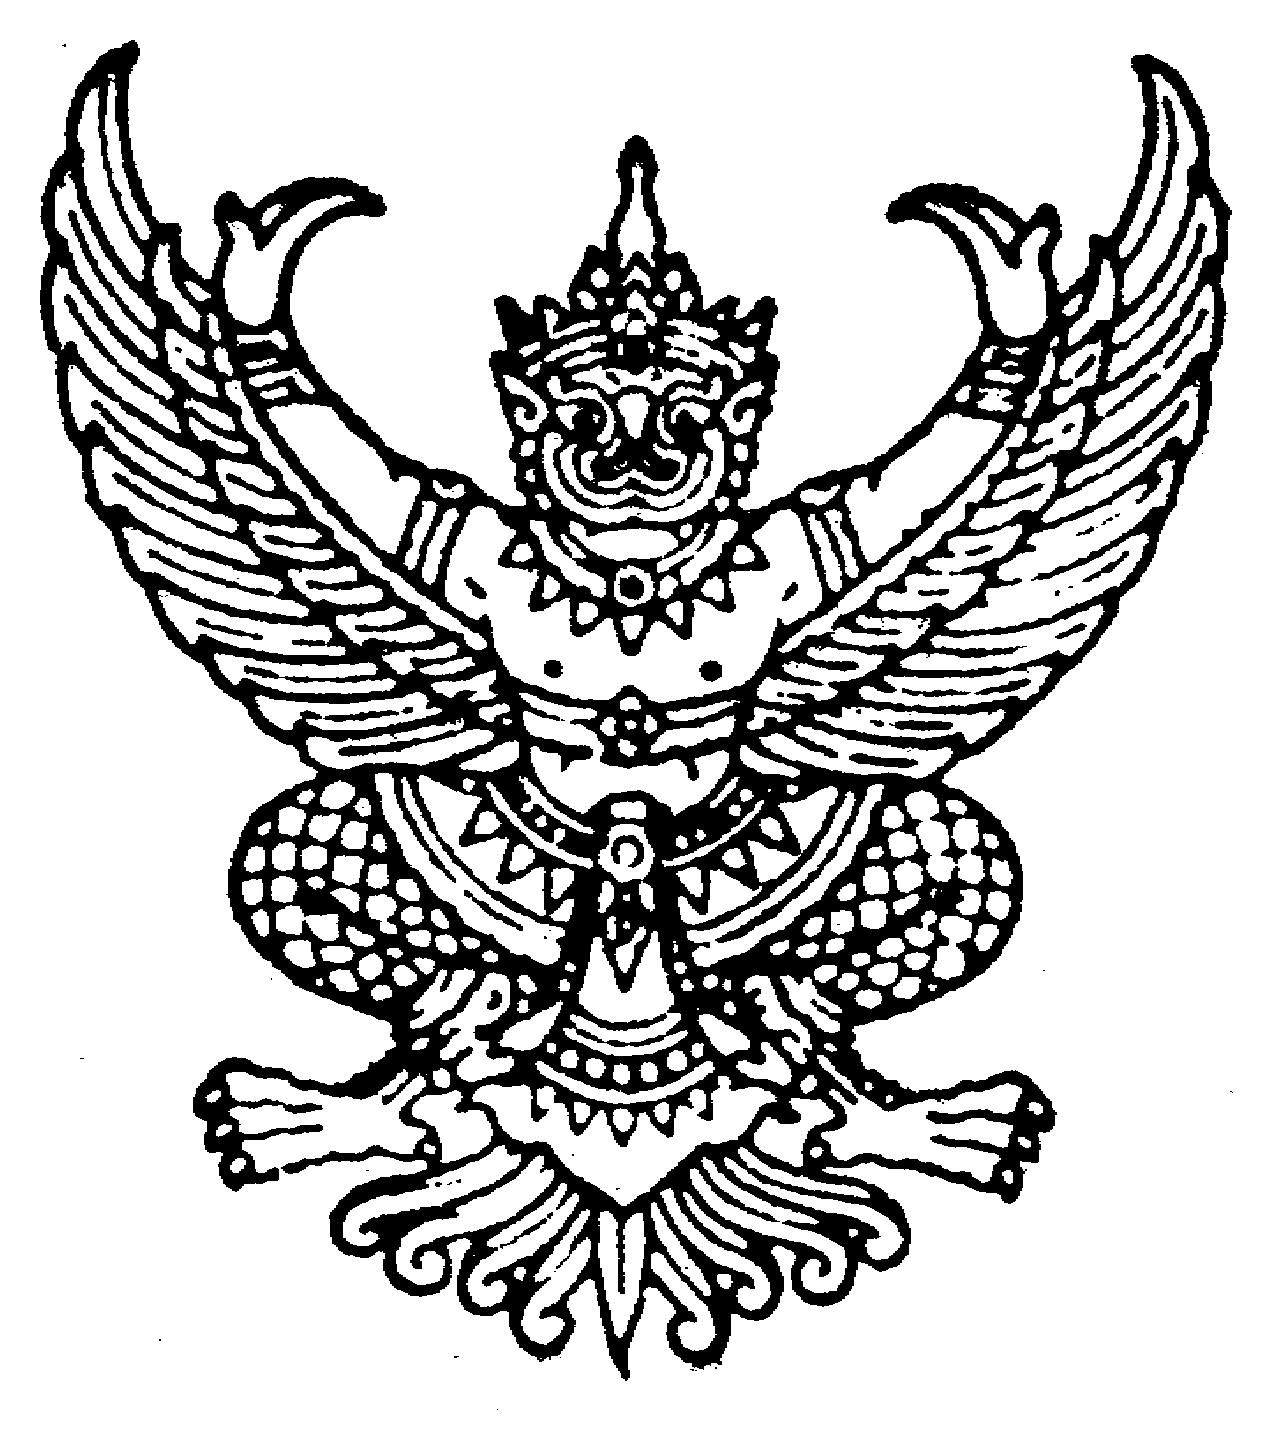 Thai Krut Free Images At Clker